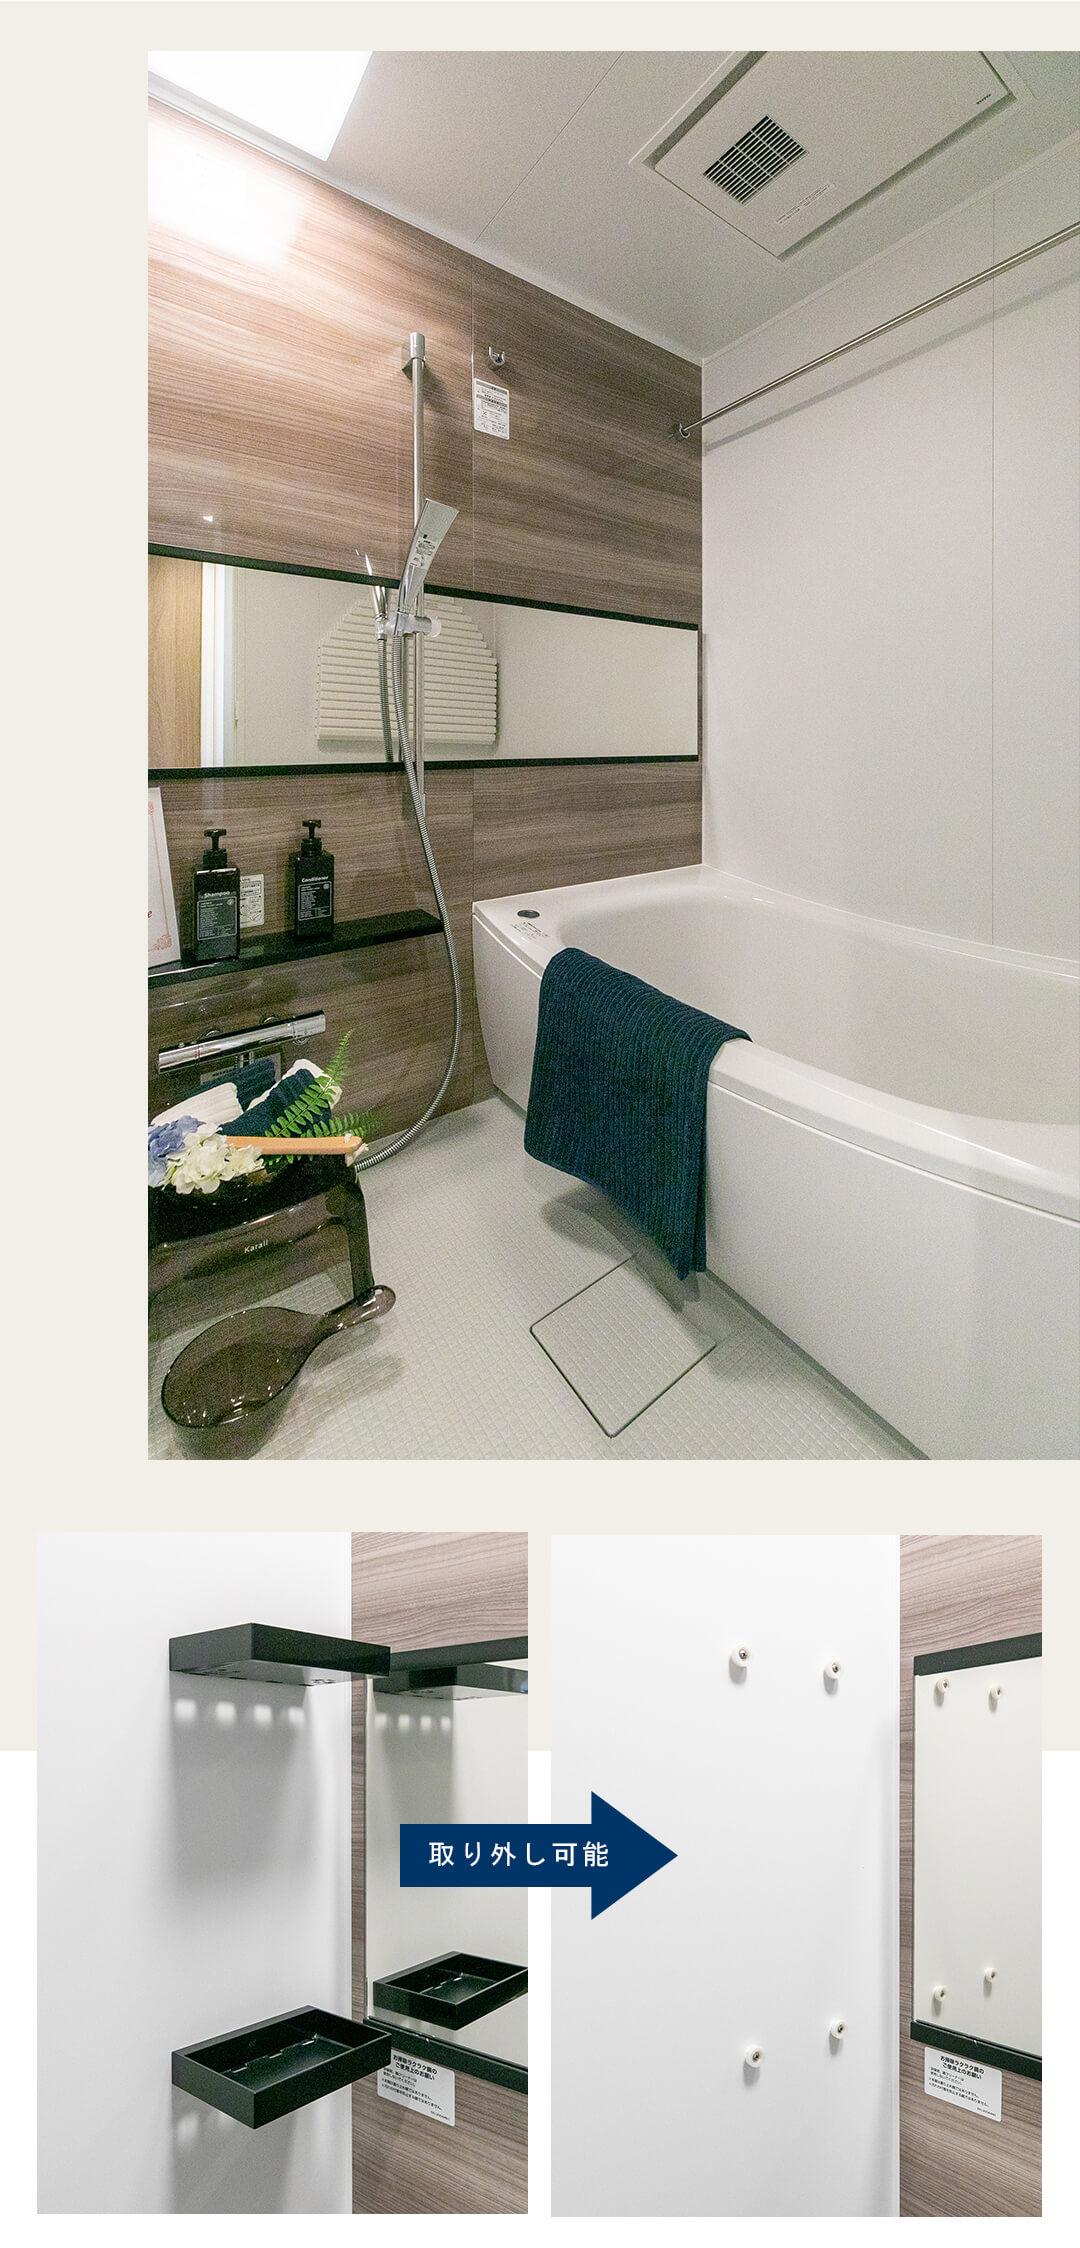 ライオンズステージキャピタルイーストの浴室